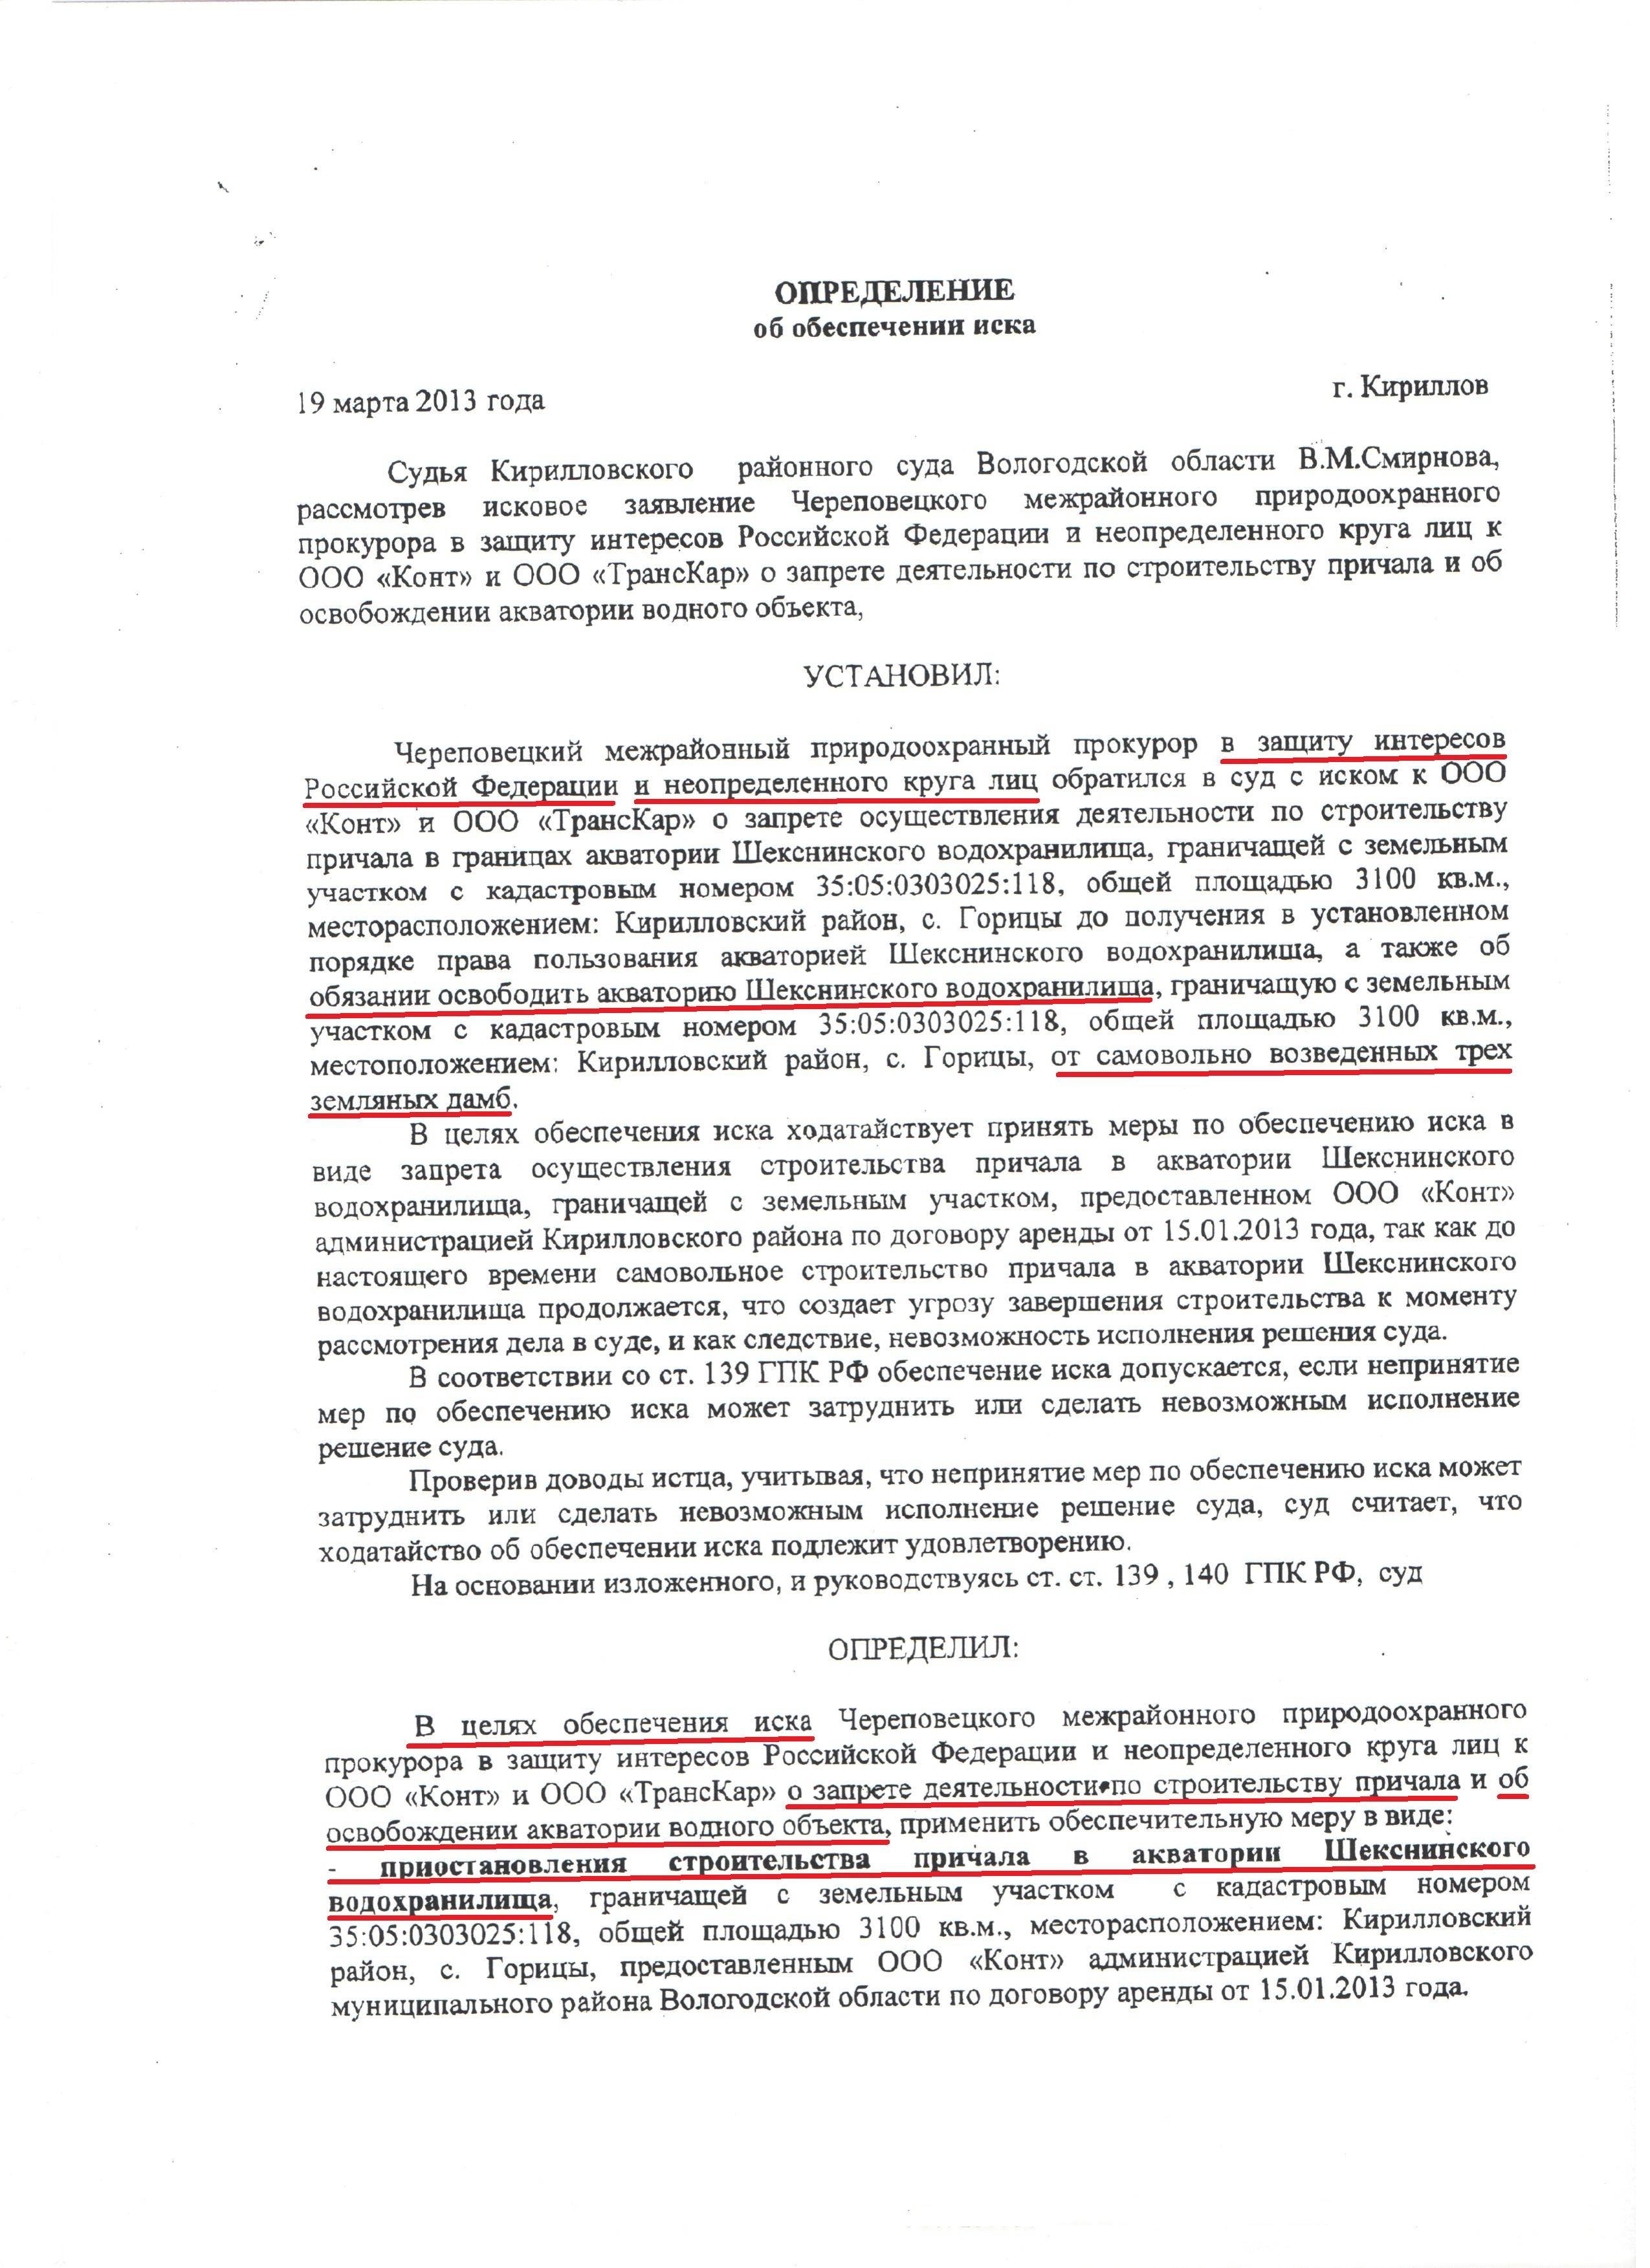 Определение суда по незаконному строительству в Горицах